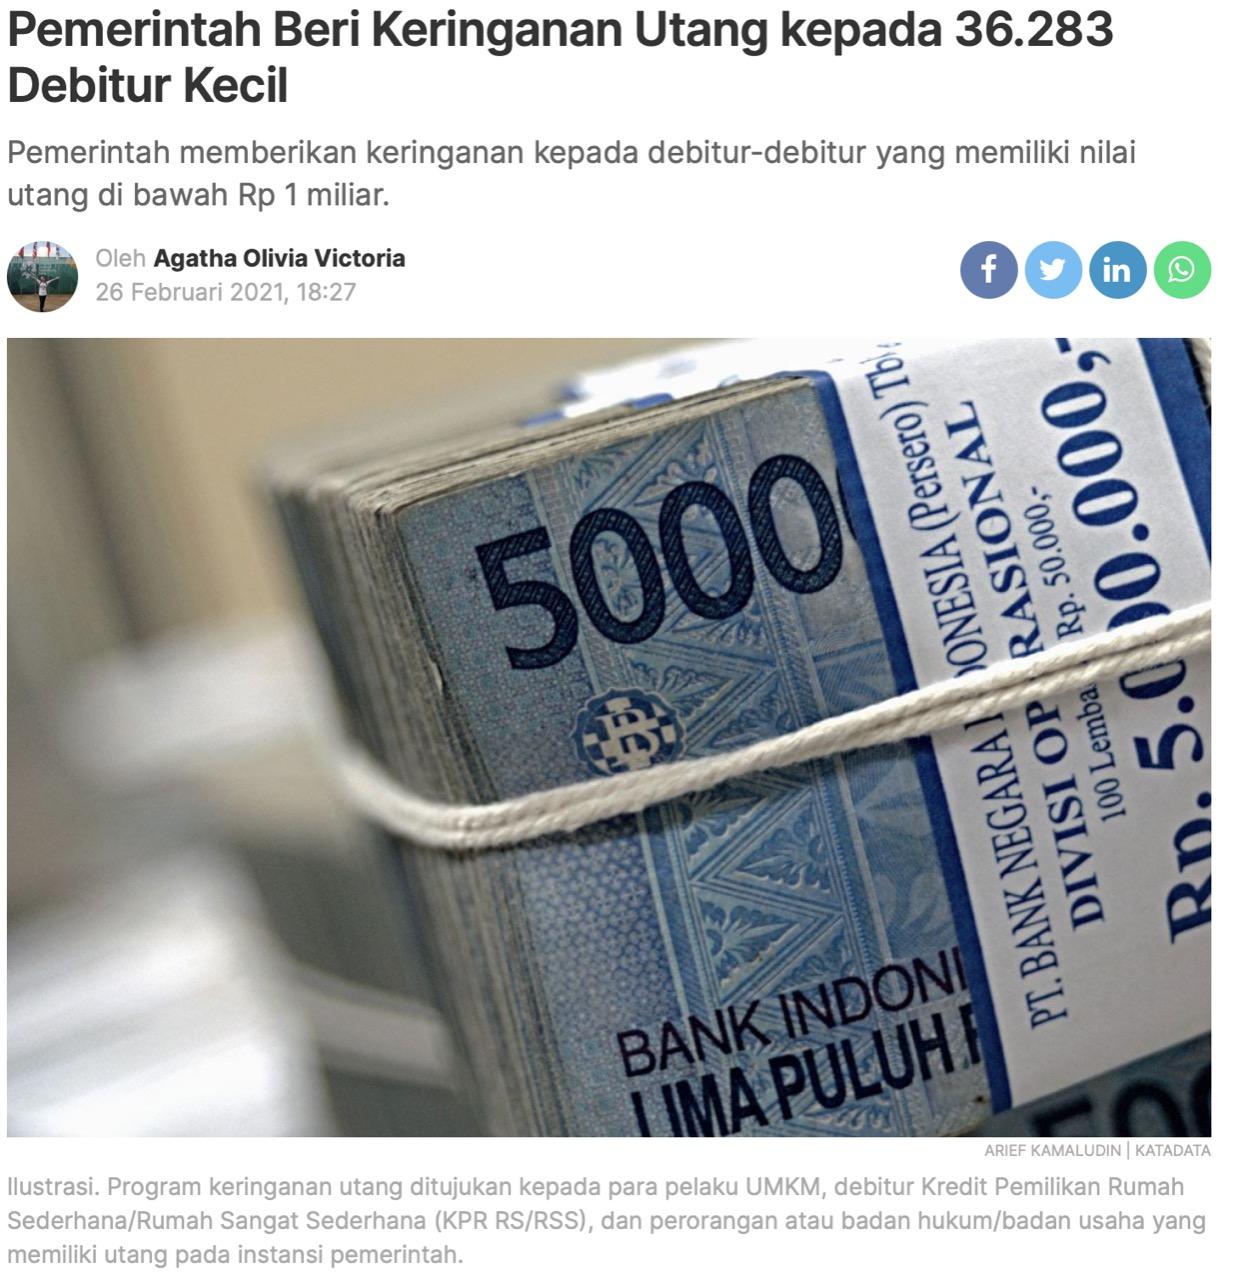 Pemerintah Beri Keringanan Utang kepada 36.283 Debitur Kecil